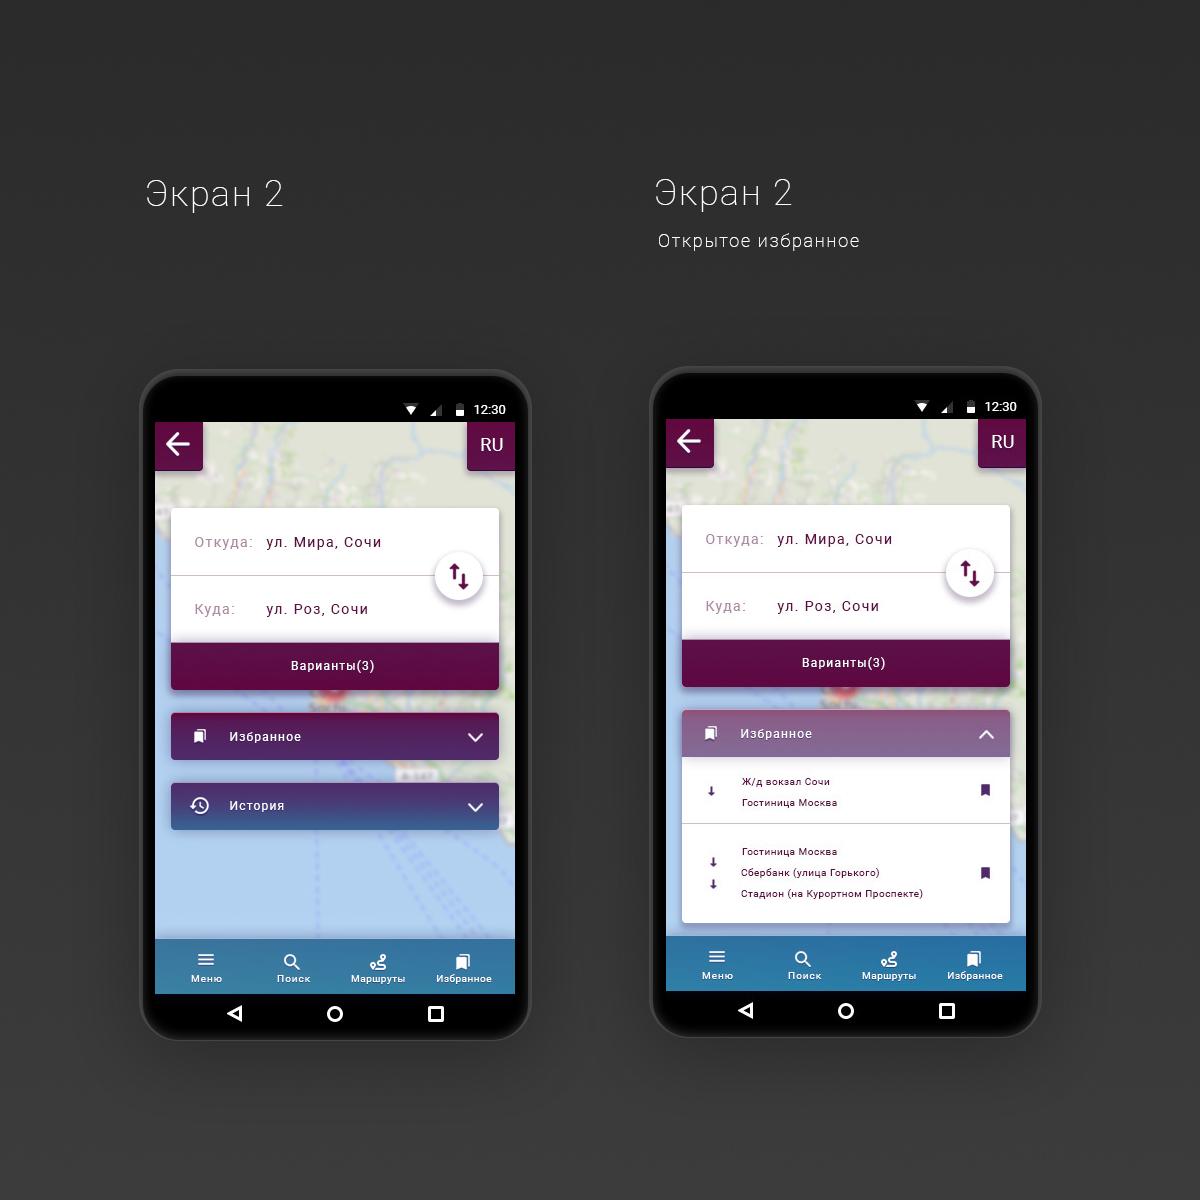 Дизайн-концепция мобильного приложения (3 экрана) фото f_7965b7da10b3fa85.jpg